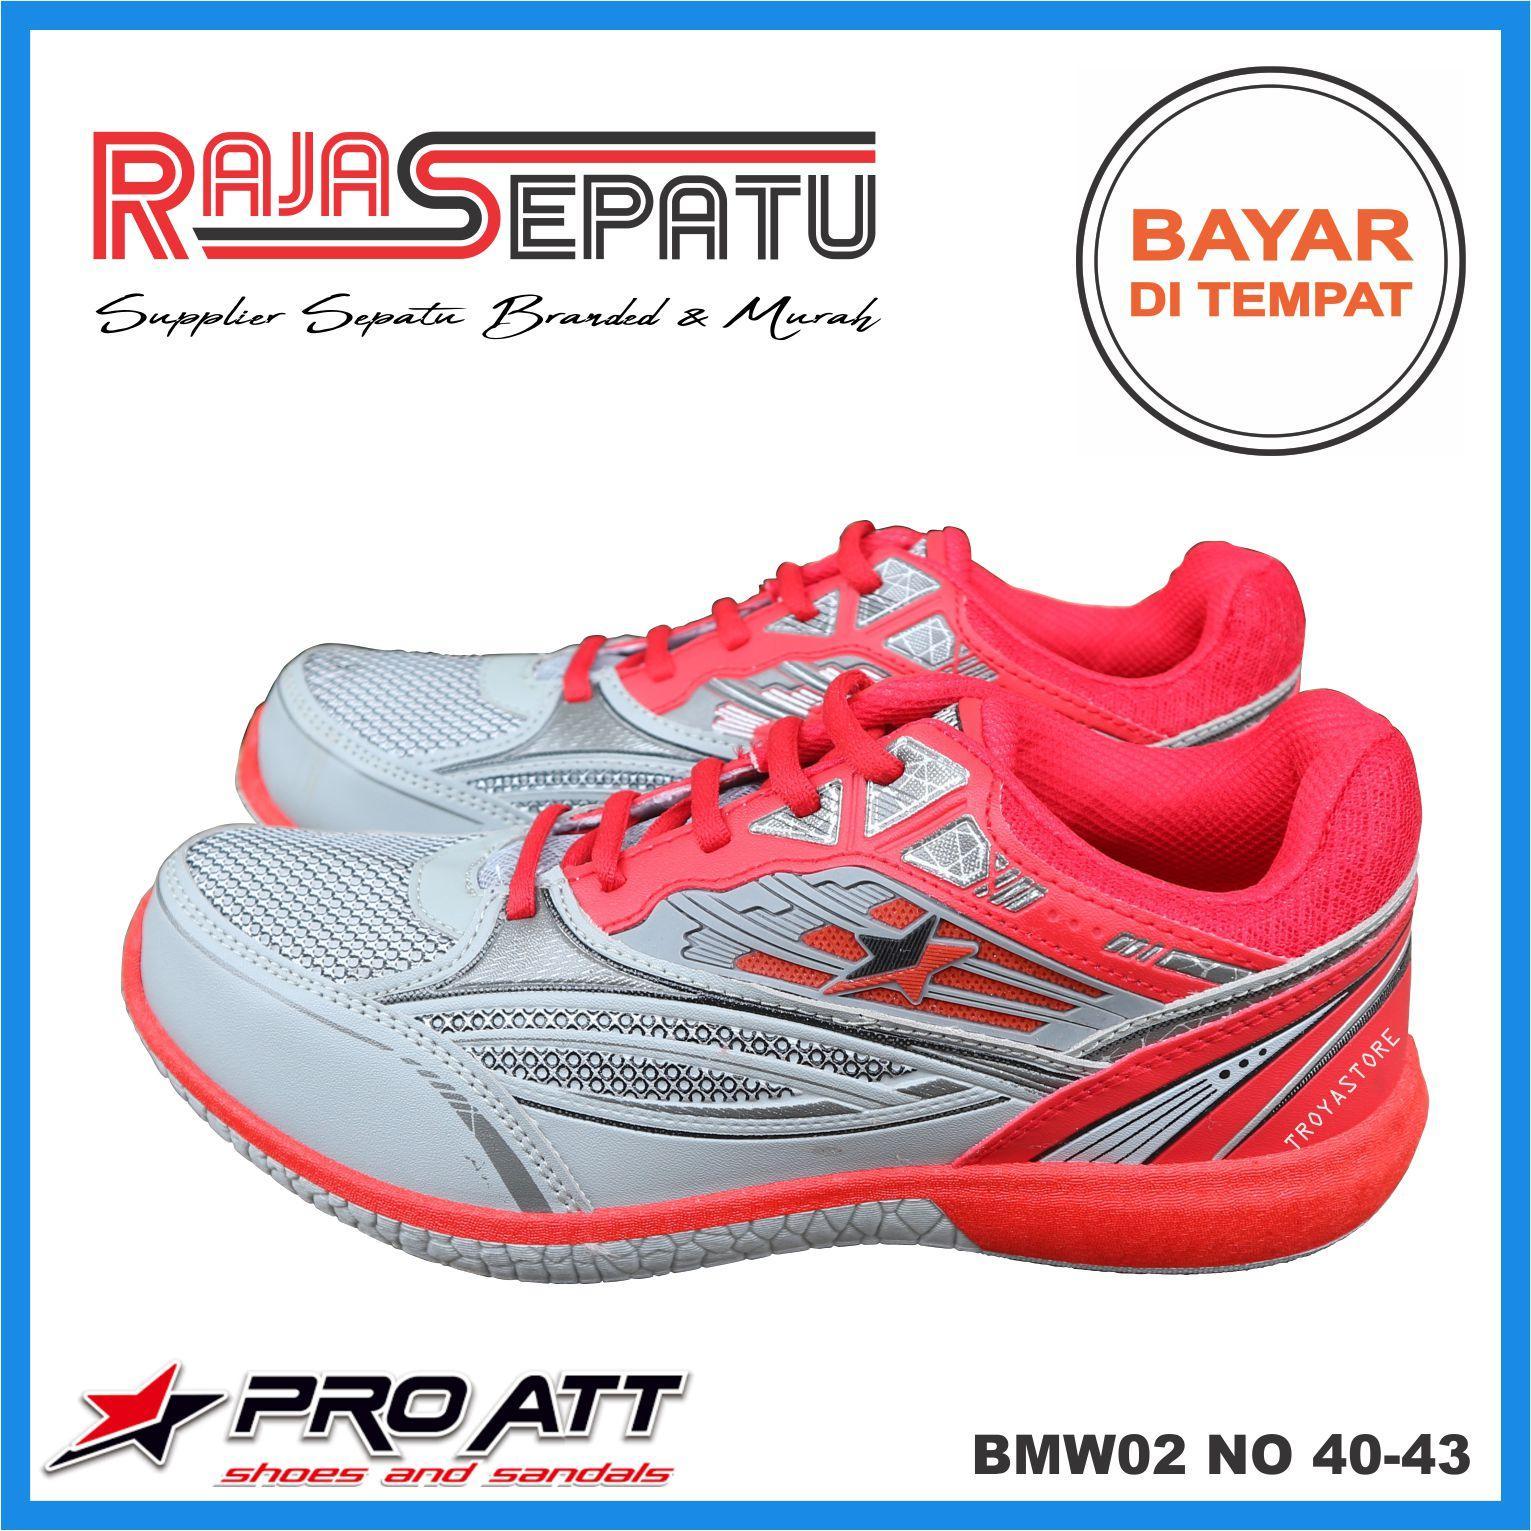 RAJASEPATU - PRO ATT Sepatu Pria Murah BMW02 Original   Sepatu Sneaker Sport  TroyaStore Abu Merah 73259a7ea4